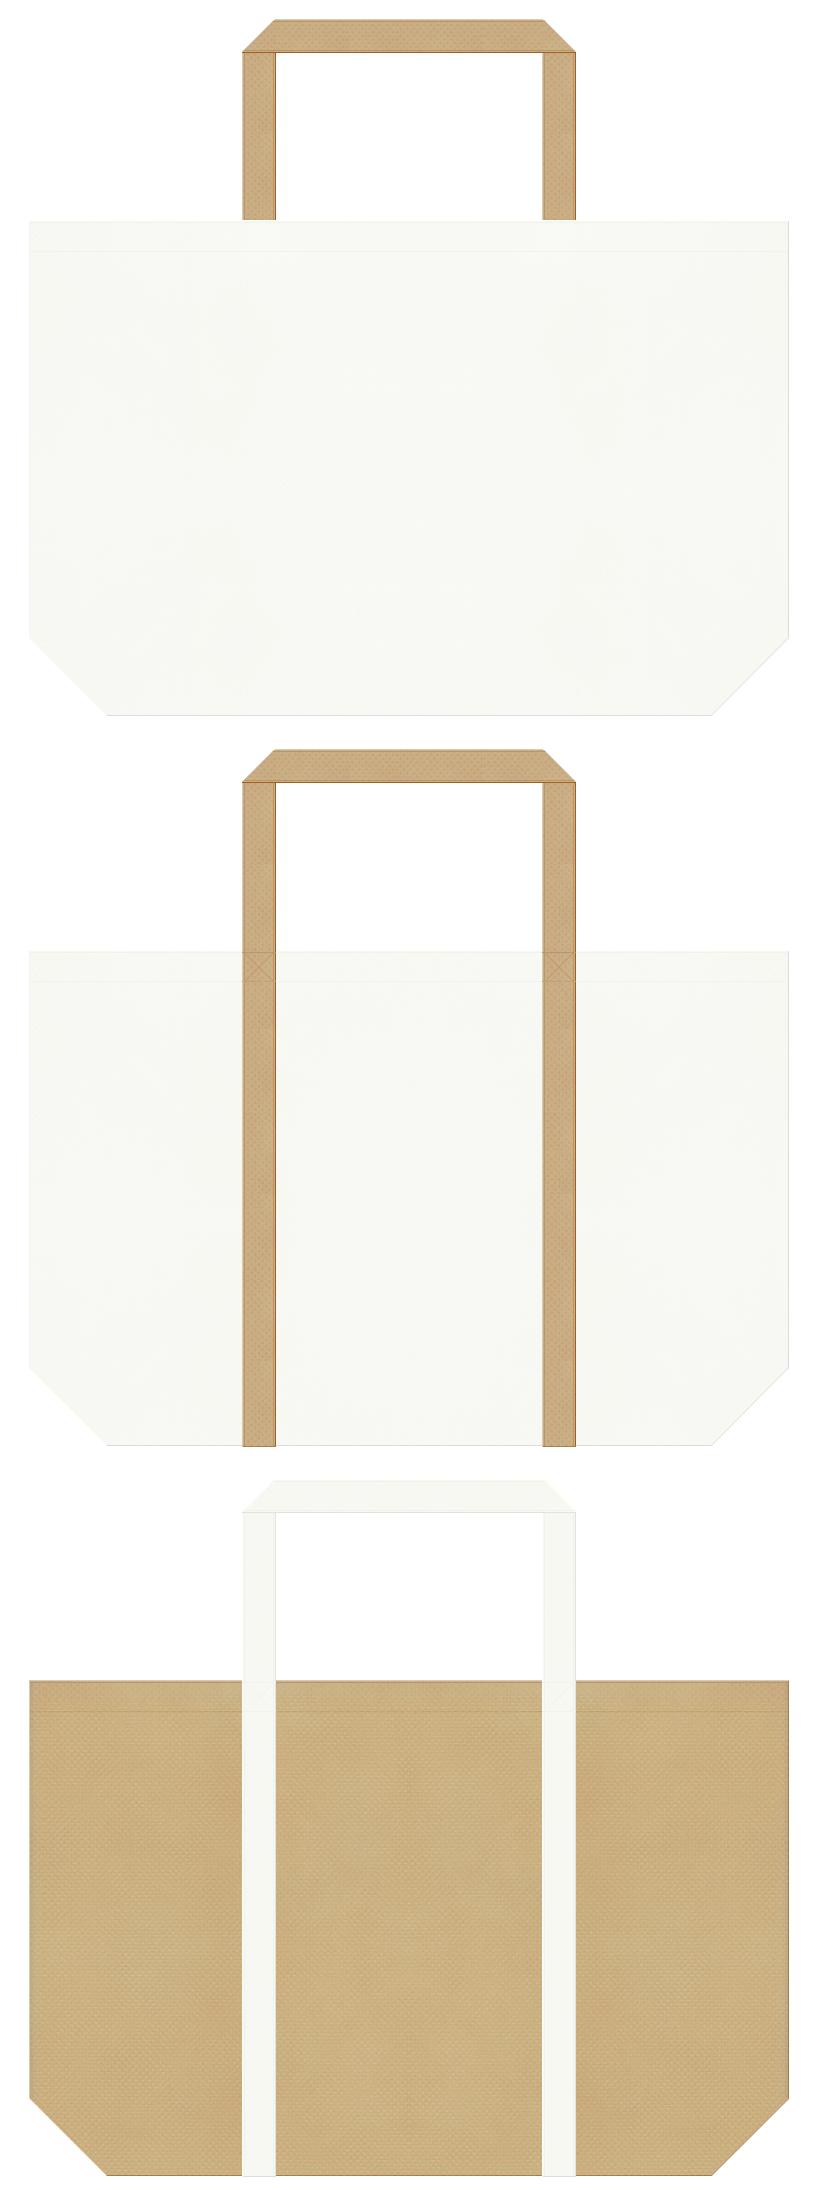 ペットショップ・ペットサロン・木工・インテリア・DIYイベント・住宅展示場・ニット・セーター・毛糸・手芸・うどん・そば・めんつゆ・かつおぶし・食の見本市・乳製品・牧場・ロールケーキ・カフェオレ・スイーツ・ベーカリーショップにお奨めの不織布バッグデザイン:オフホワイト色とカーキ色のコーデ